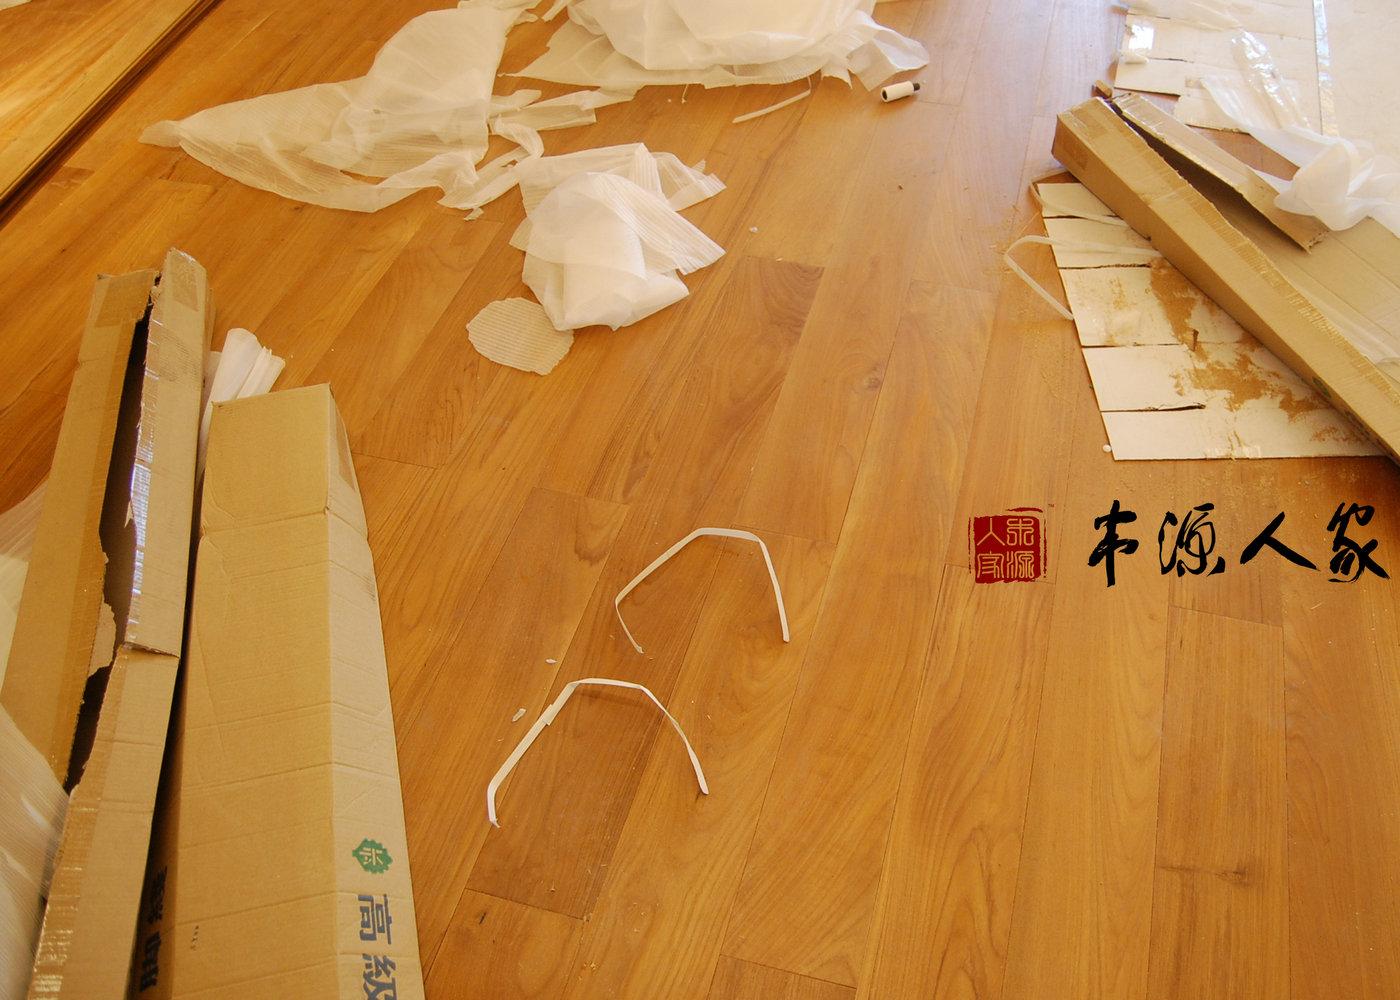 正宗A级缅甸柚木纯实木地板 欧诗木木蜡油地热地暖缅柚实木地板